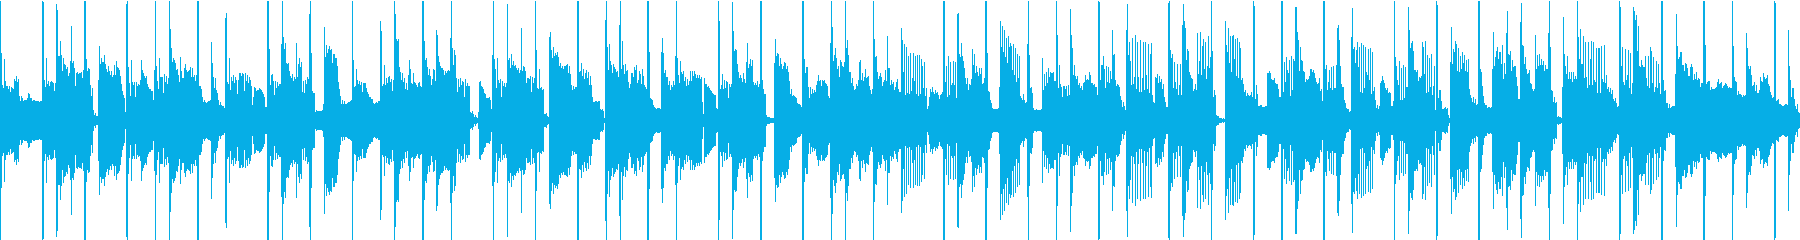 ファンク セッション風 ループ Bの再生済みの波形